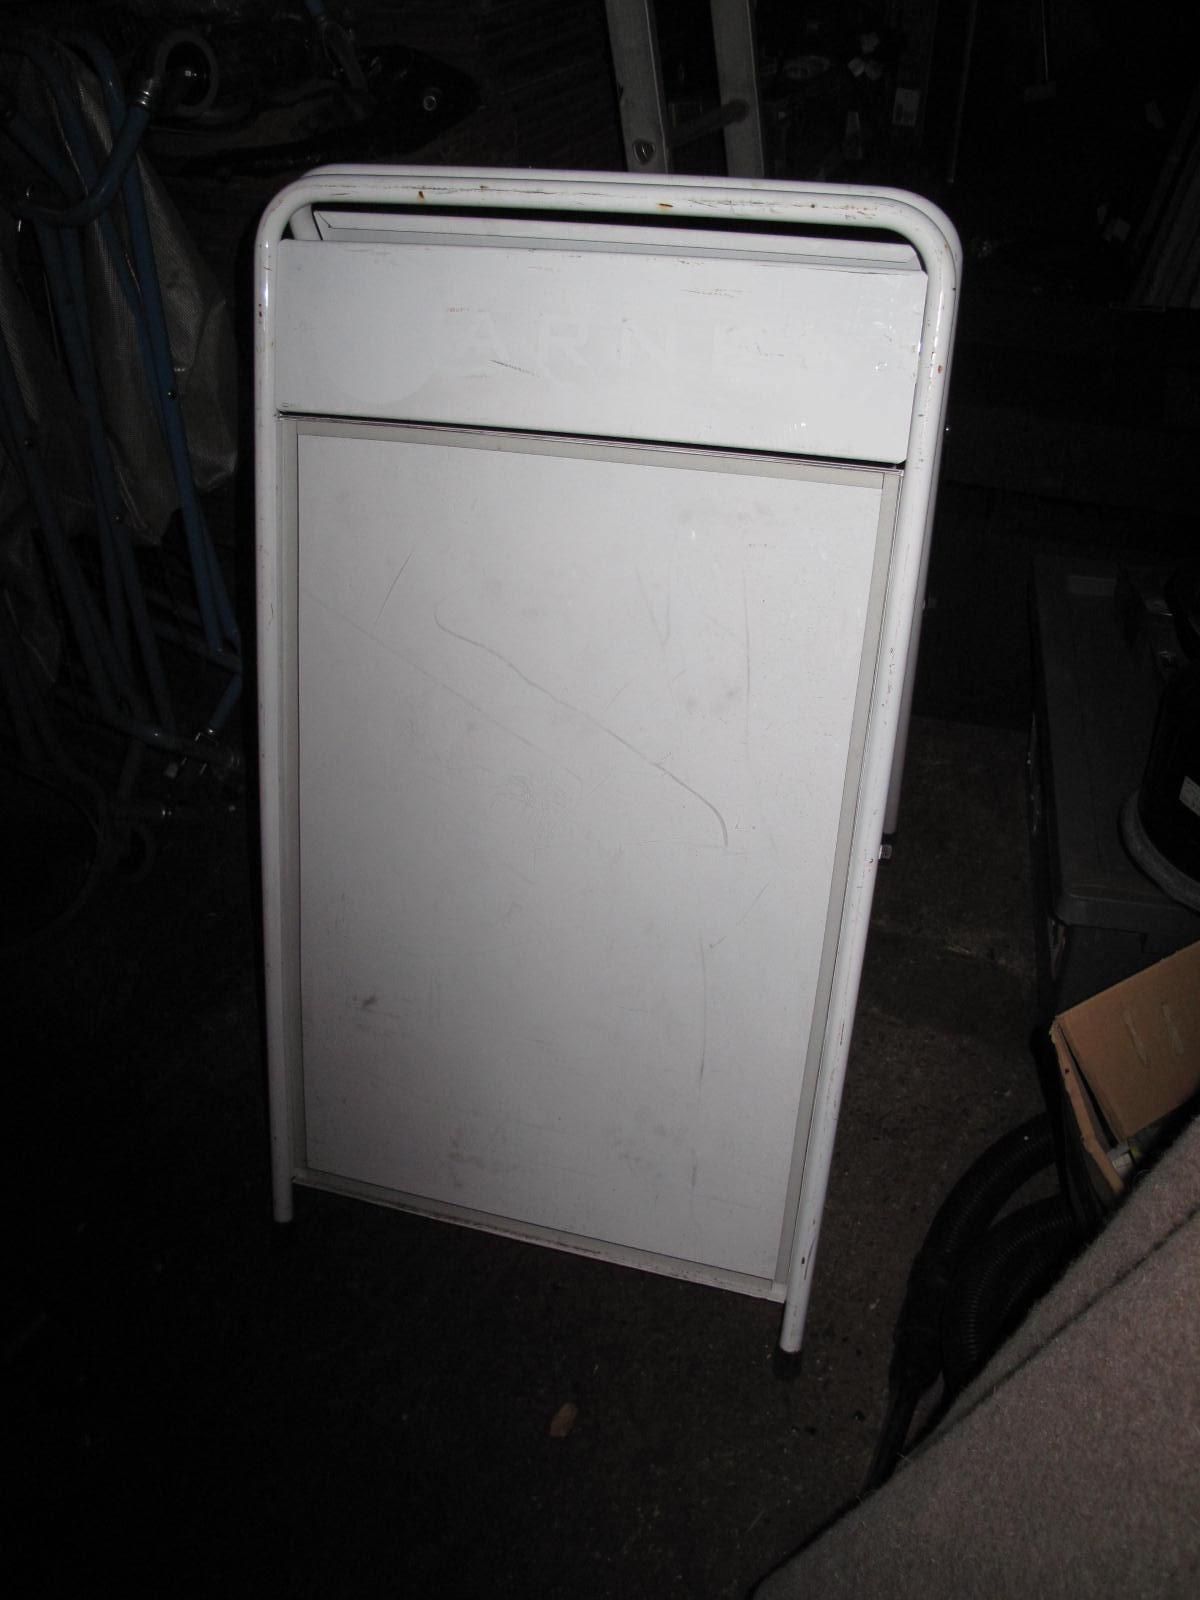 A Frame - Whiteboard